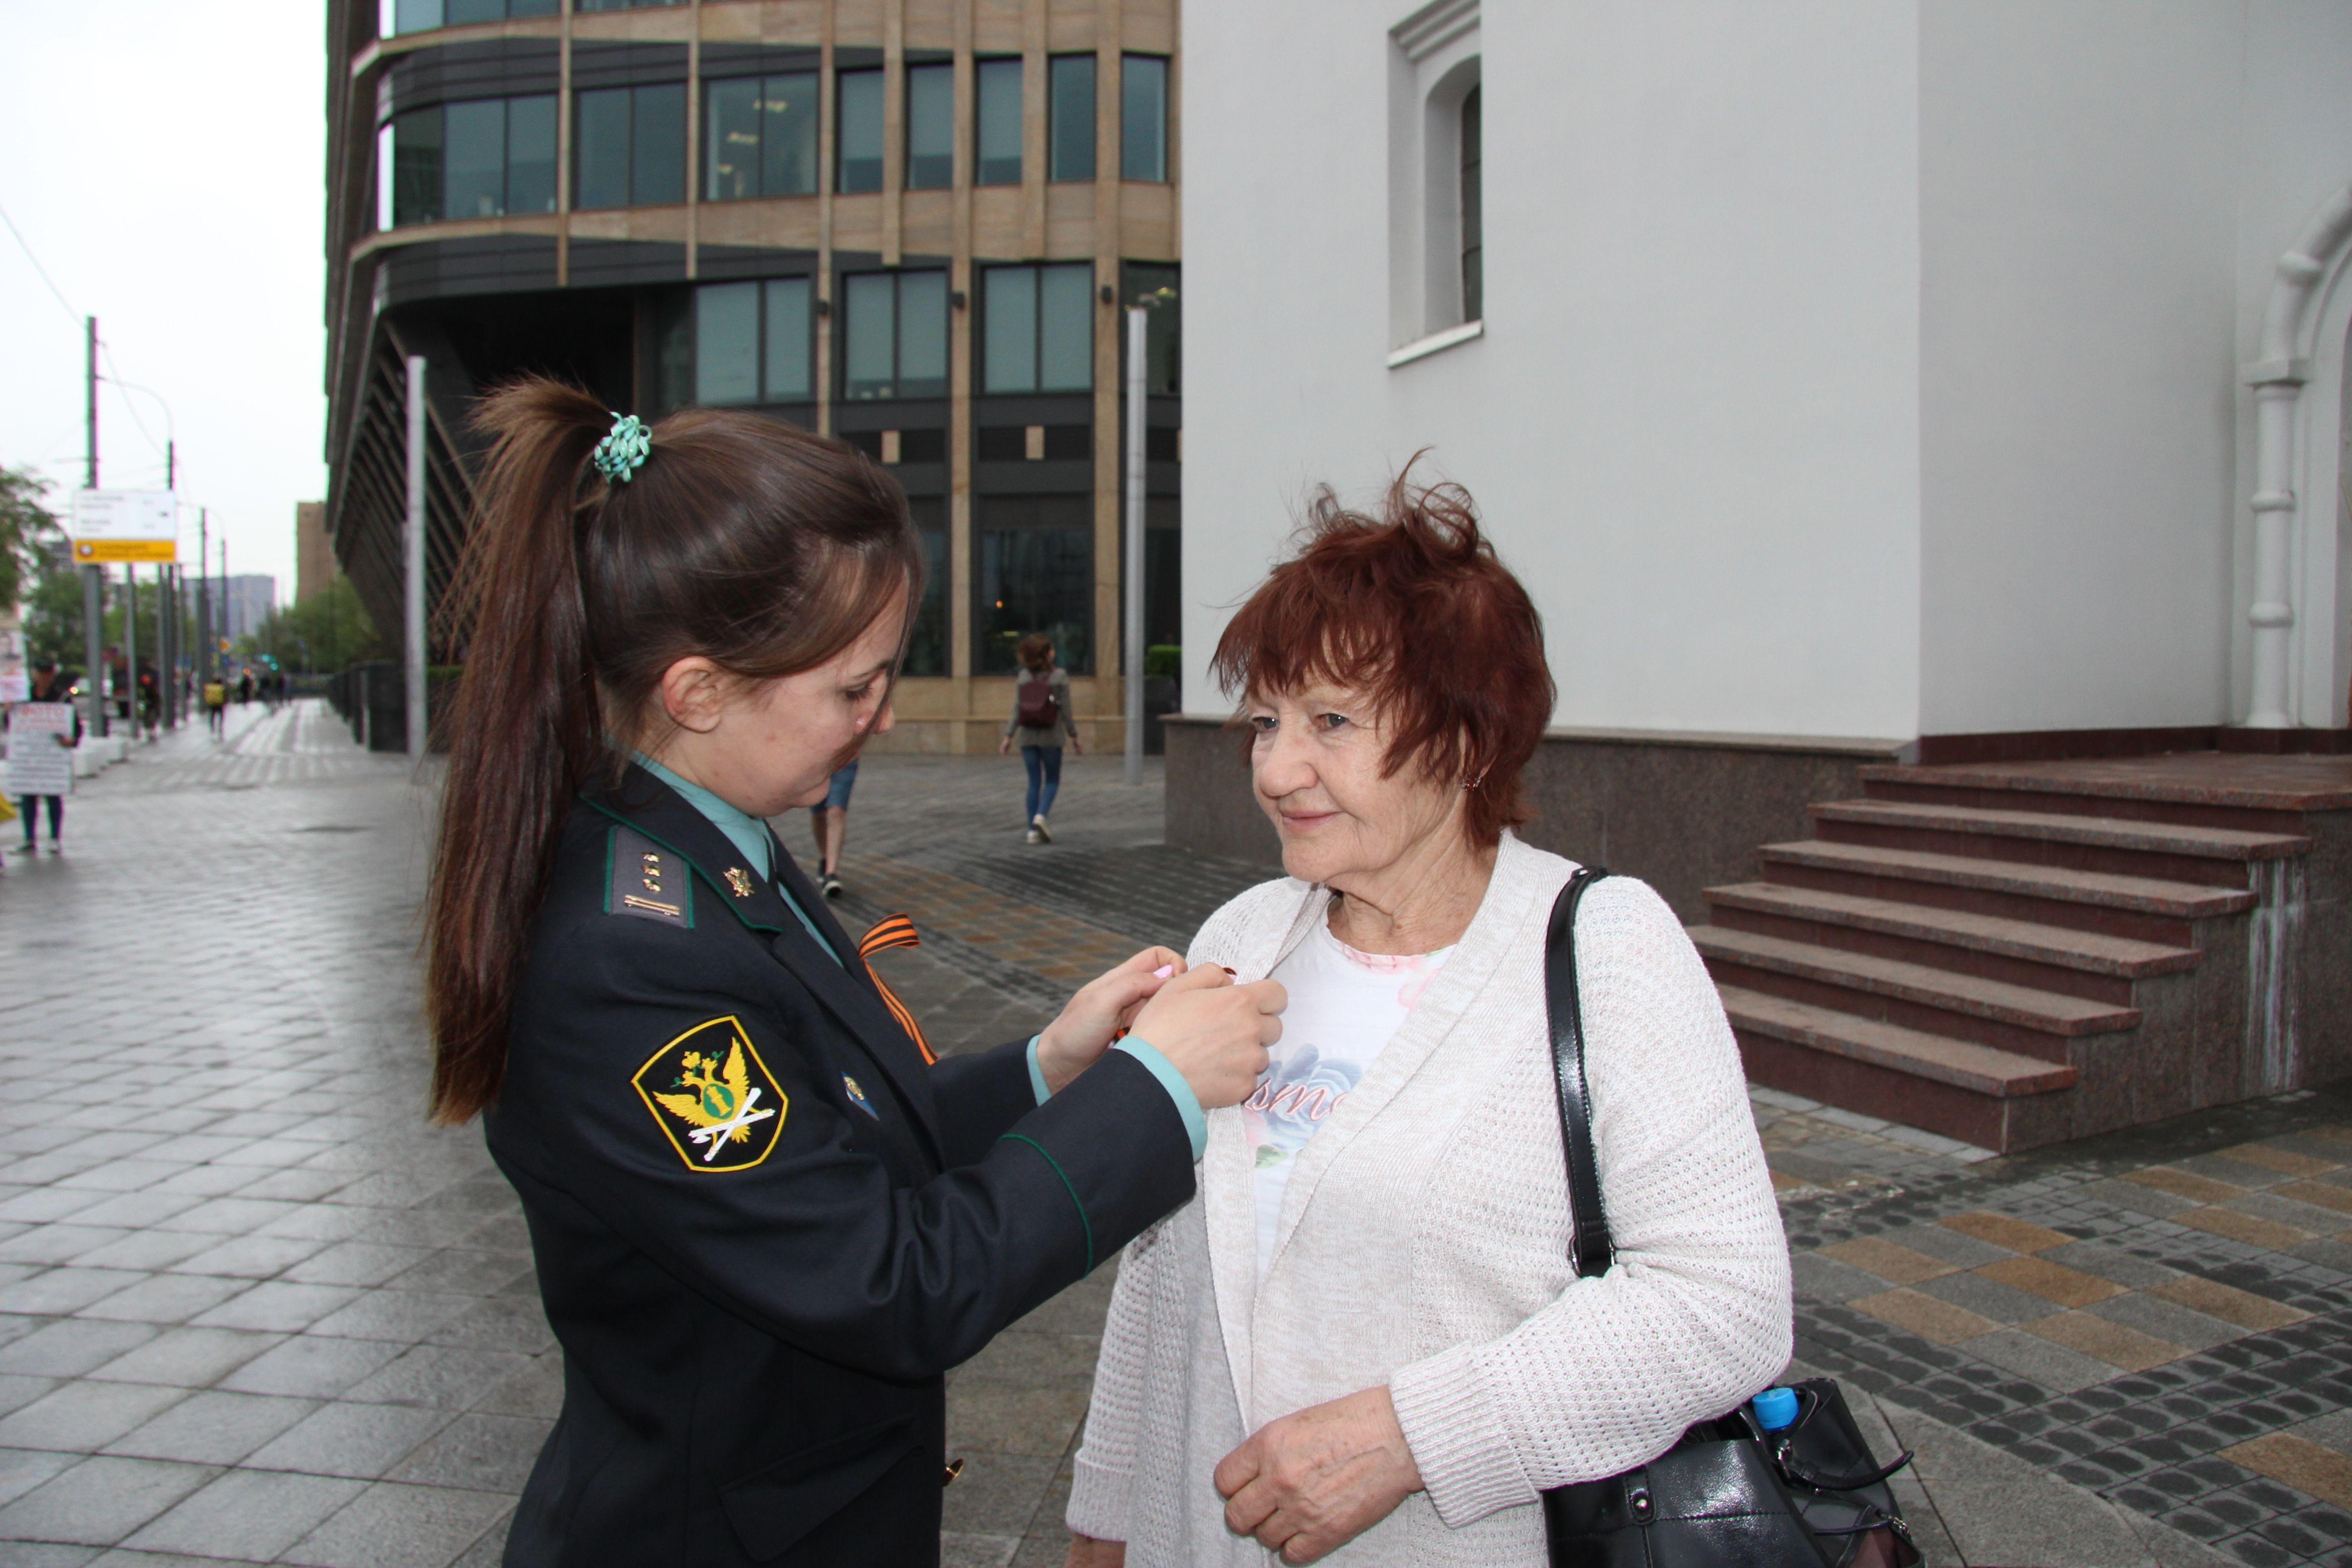 УФССП России по Москве присоединилось к всероссийской акции «Георгиевская ленточка»